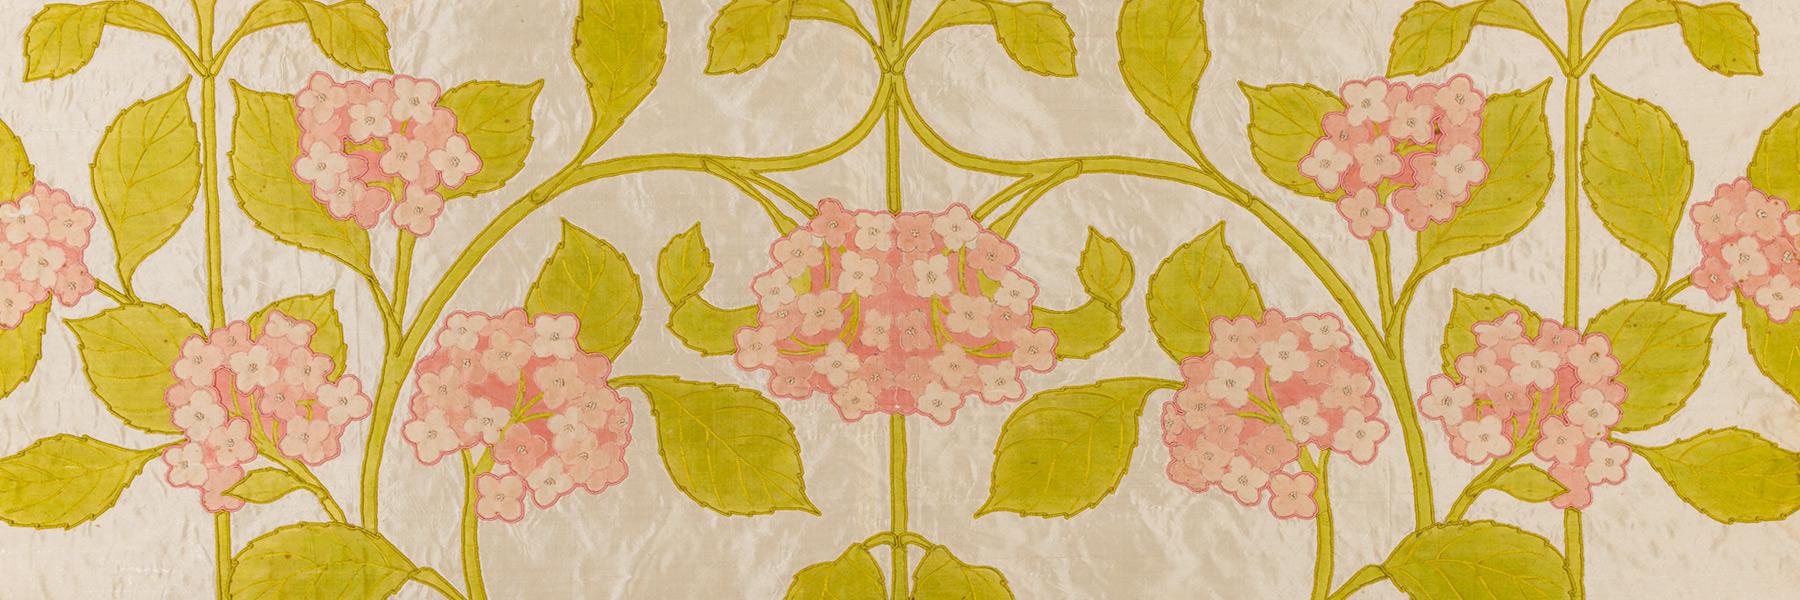 Slider exposició: Petits retalls del Tèxtil